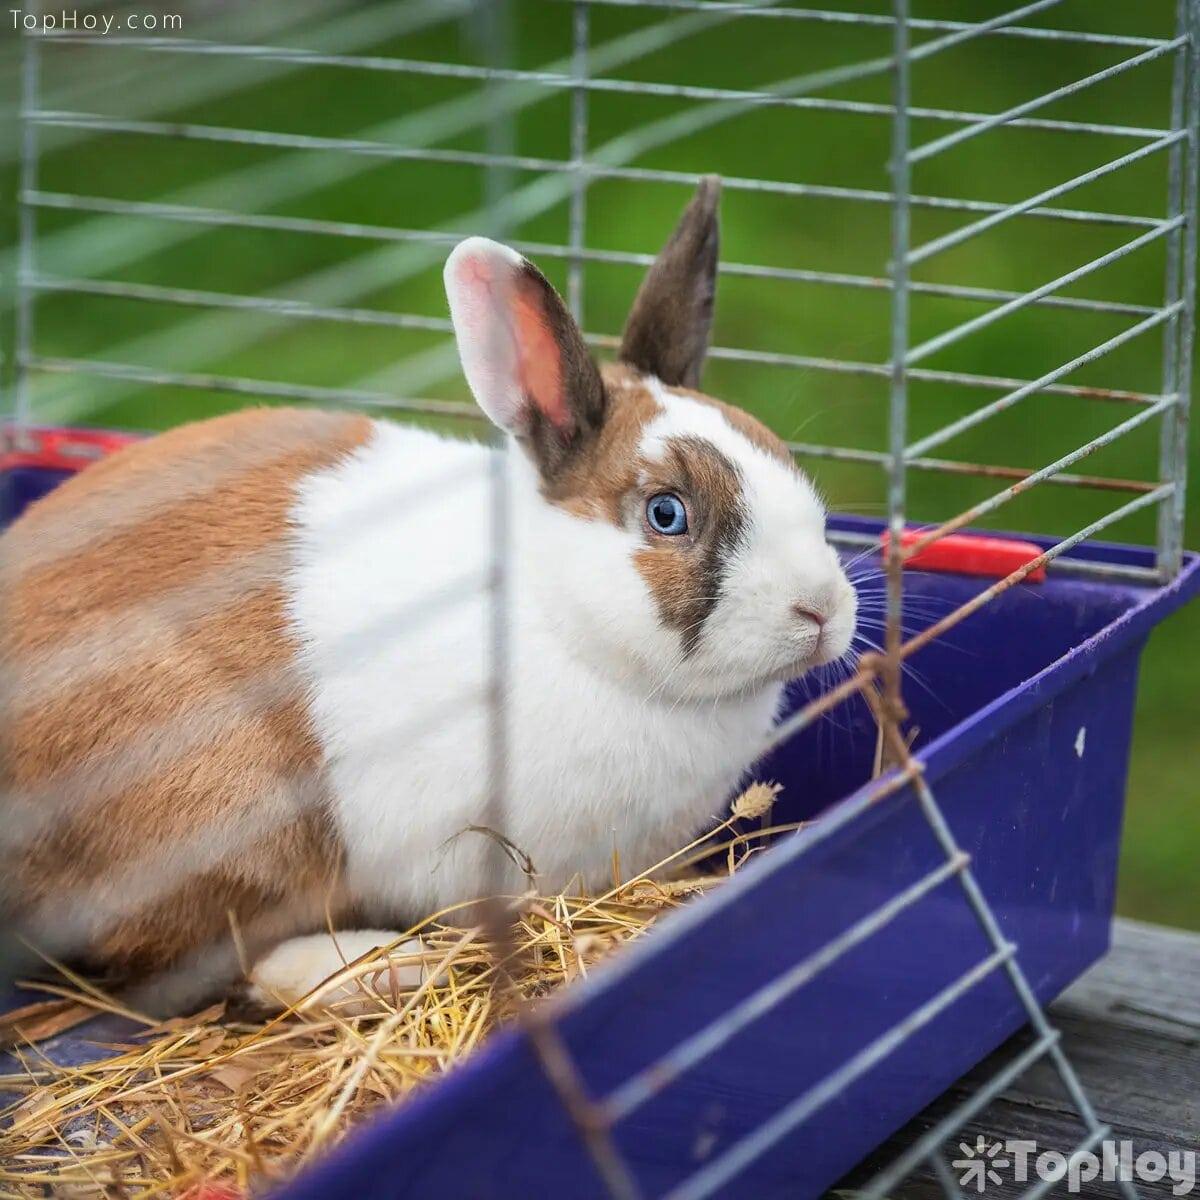 Los cuidados que debe recibir un conejo son complejos, nada parecidos a los que se ofrecen a un perro o un gato.